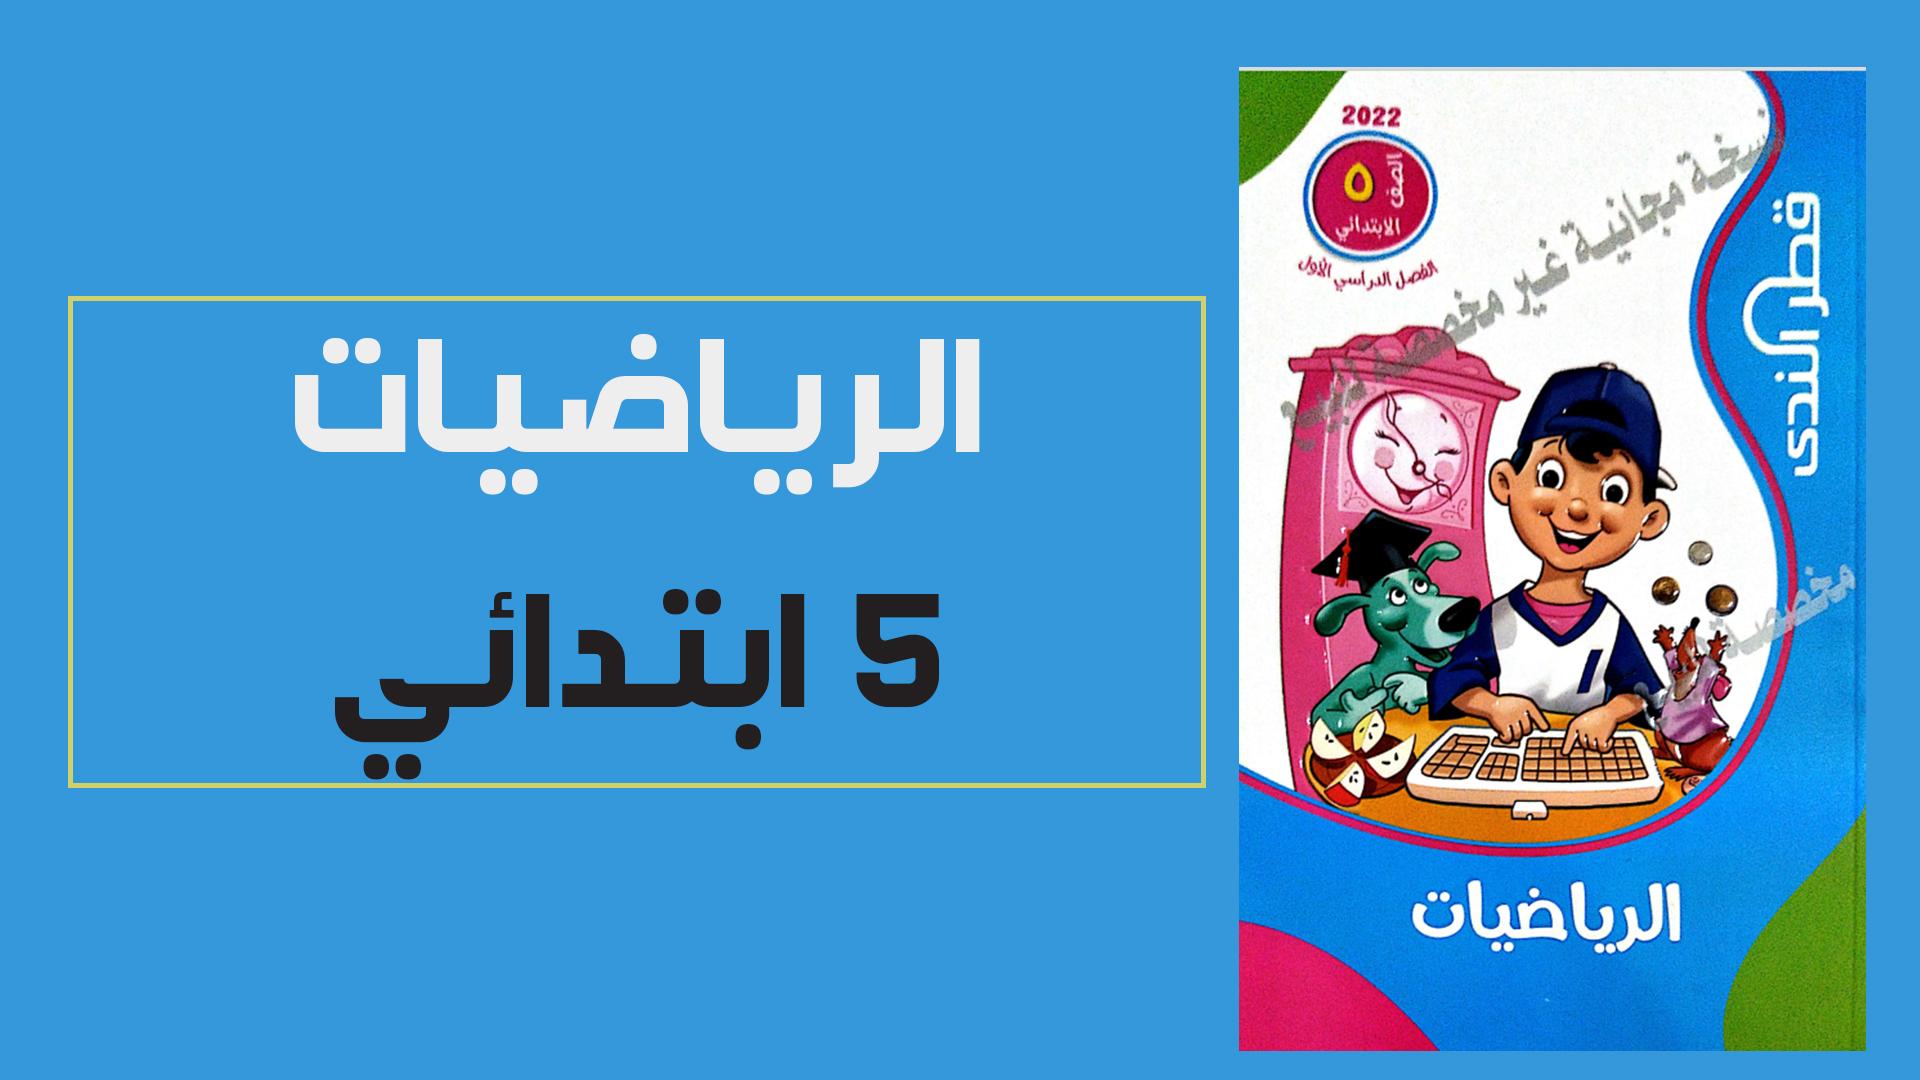 تحميل كتاب قطر الندى فى الرياضيات للصف الخامس الابتدائى الترم الاول  2022 (النسخة الجديدة)